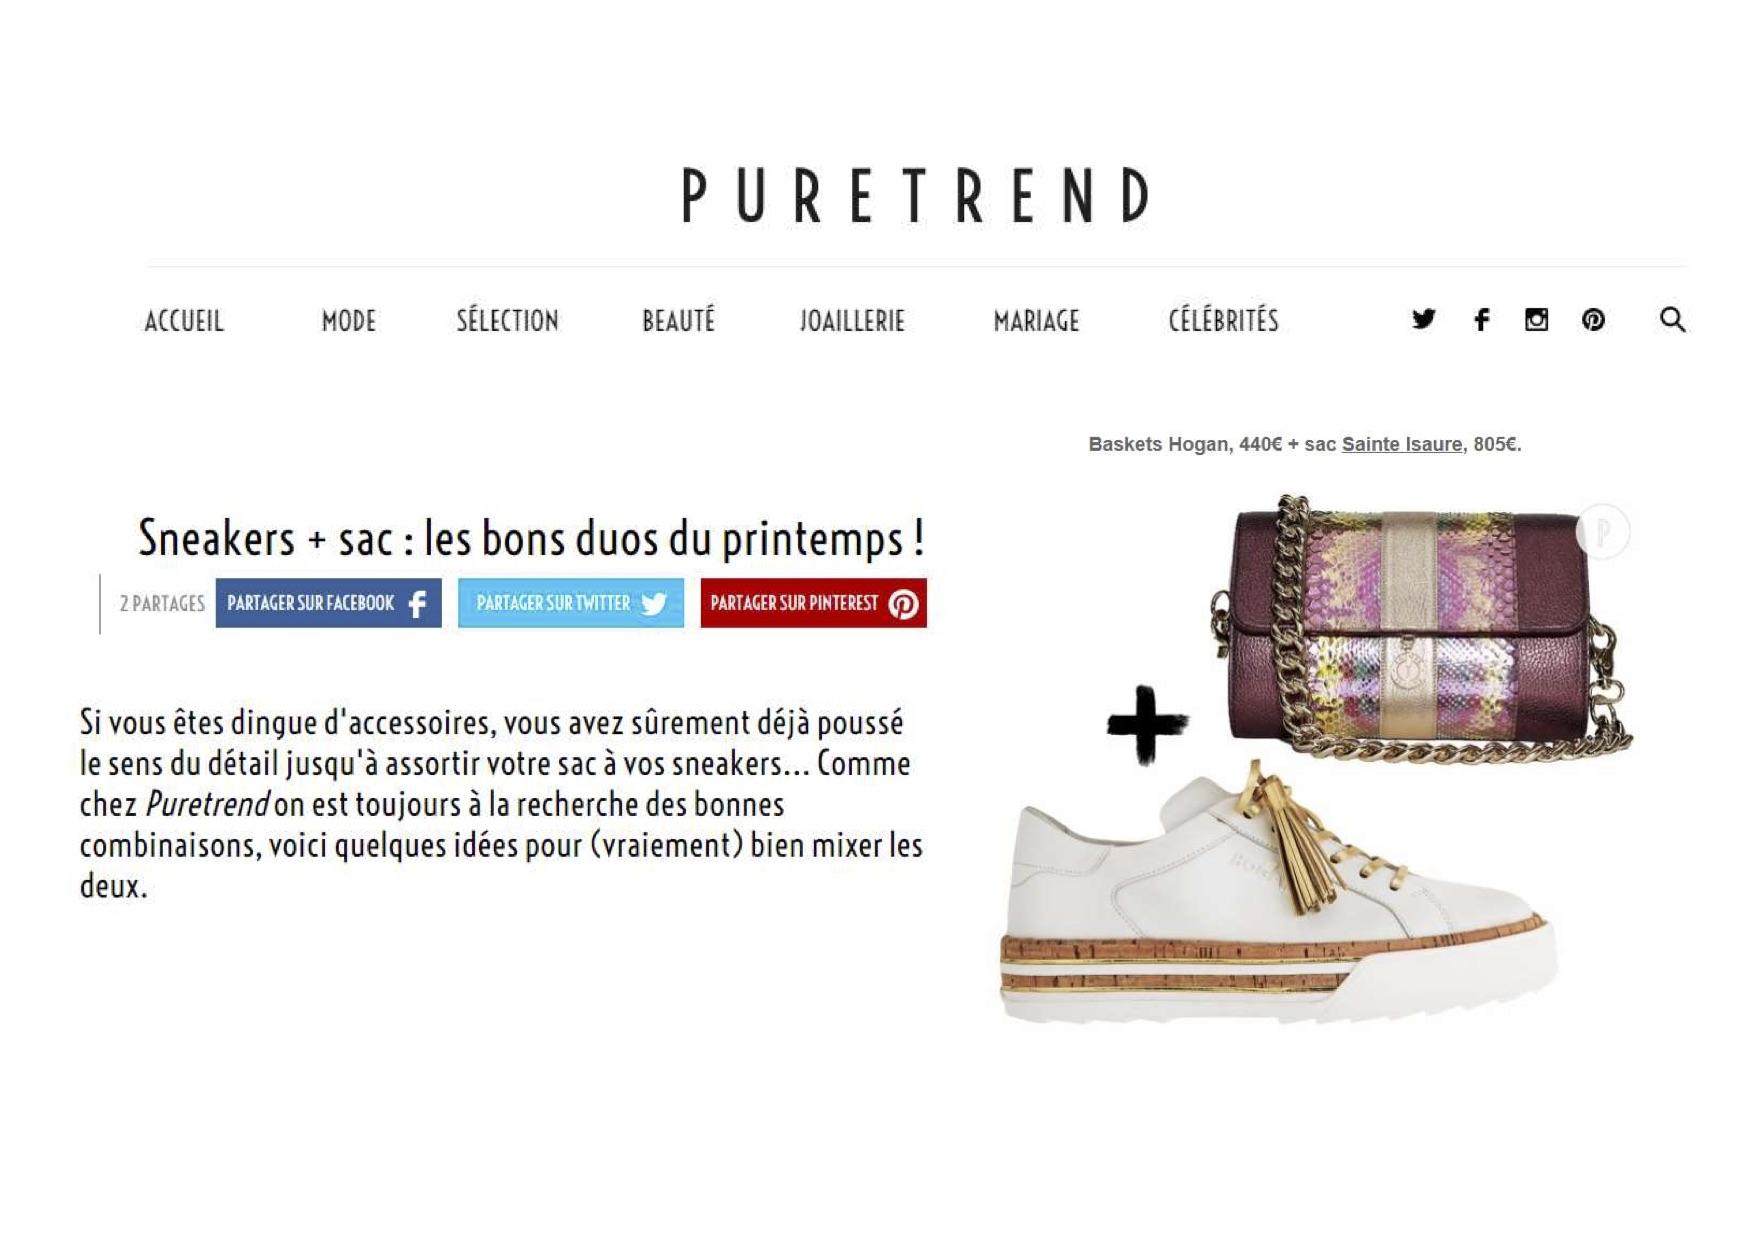 Avril 2018 : Puretrend.com - Sneakers + sac : Sainte Isaure dans les bons duos du printemps